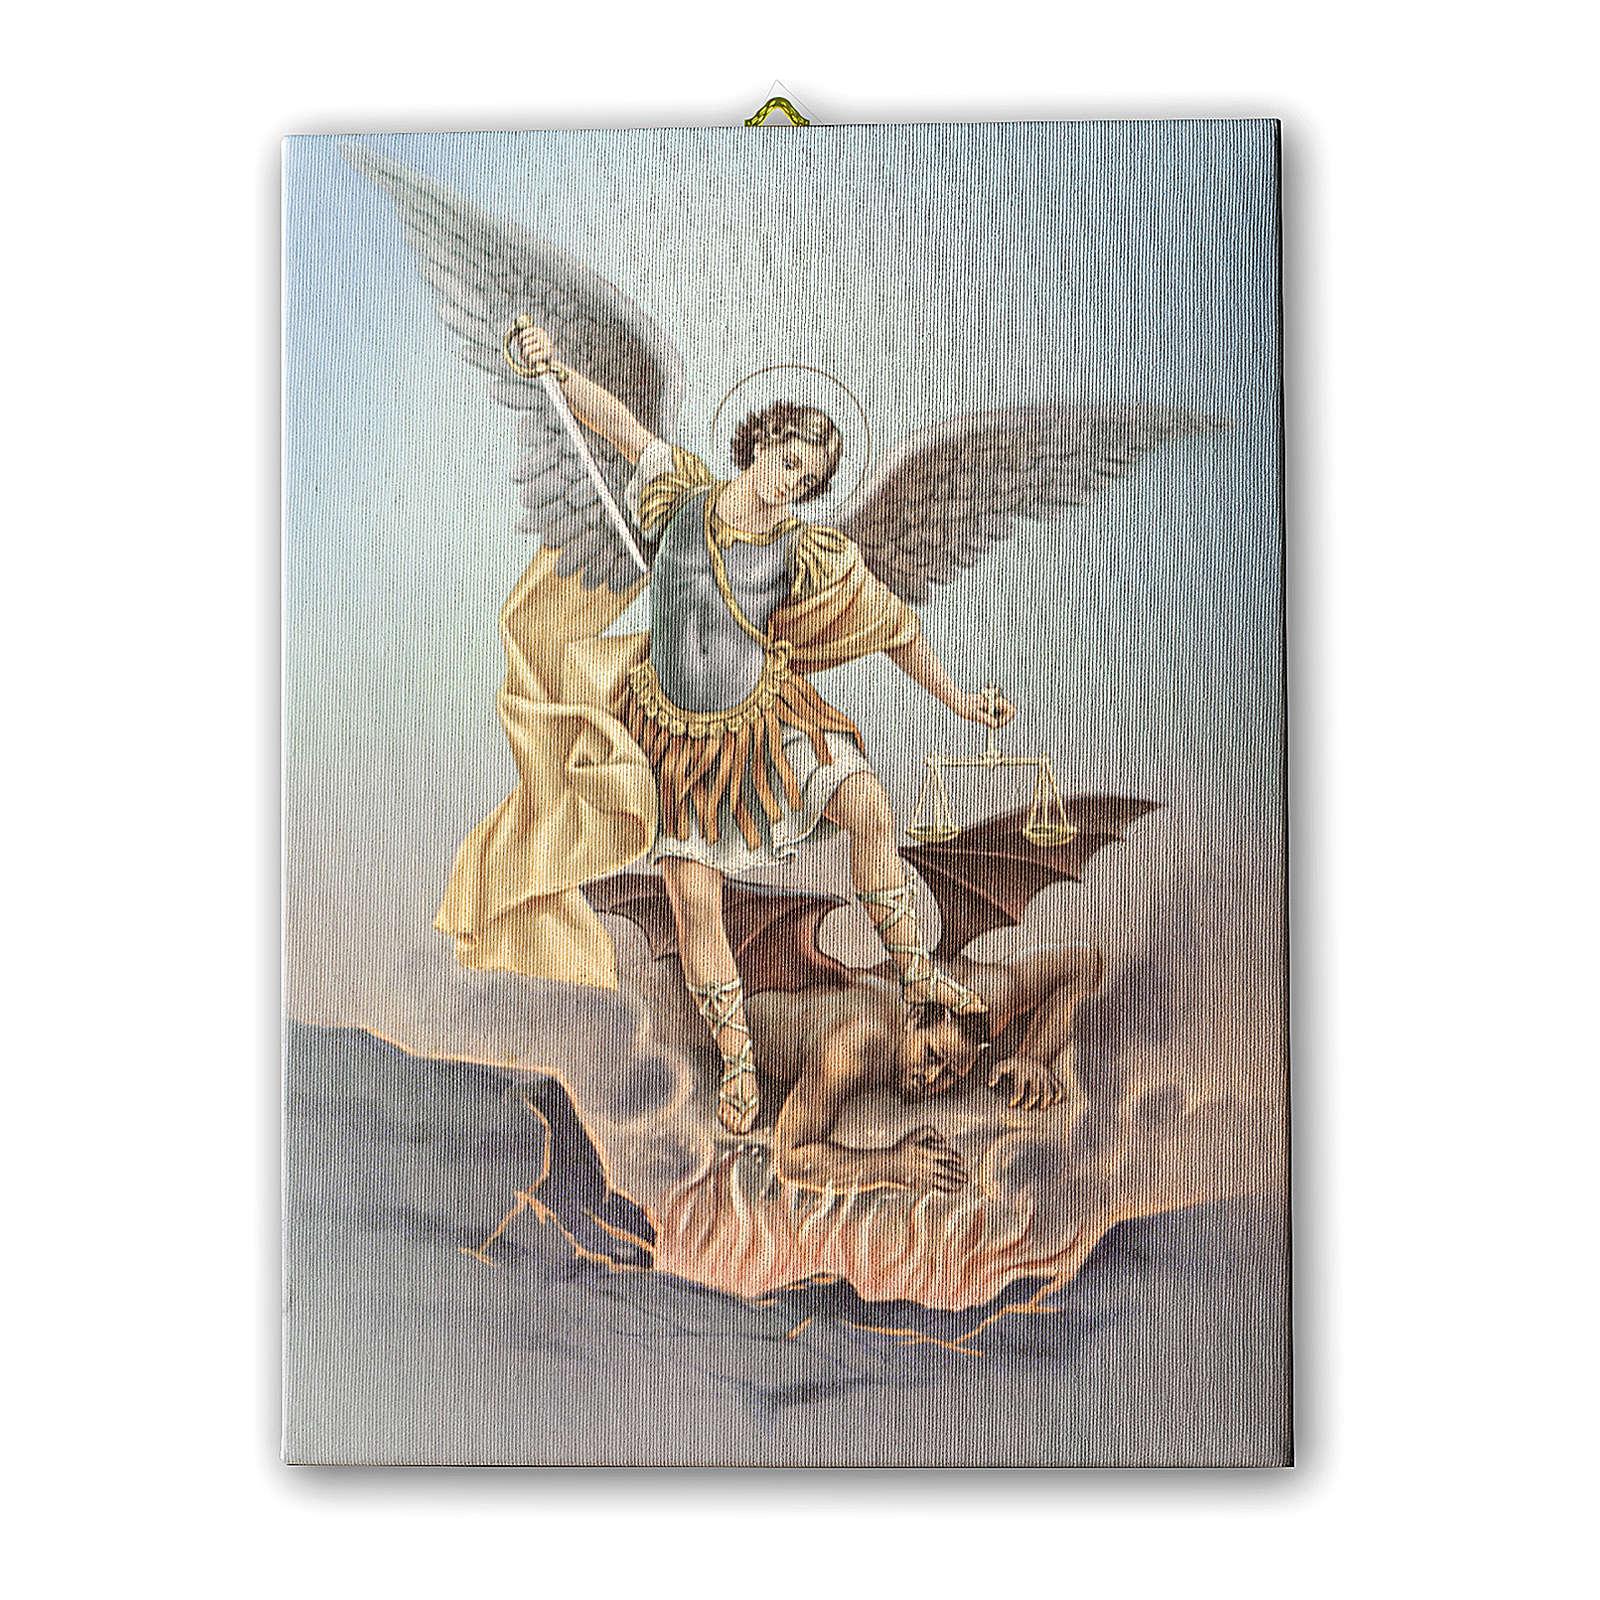 Painting on canvas Saint Michael Archangel 25x20 cm 3